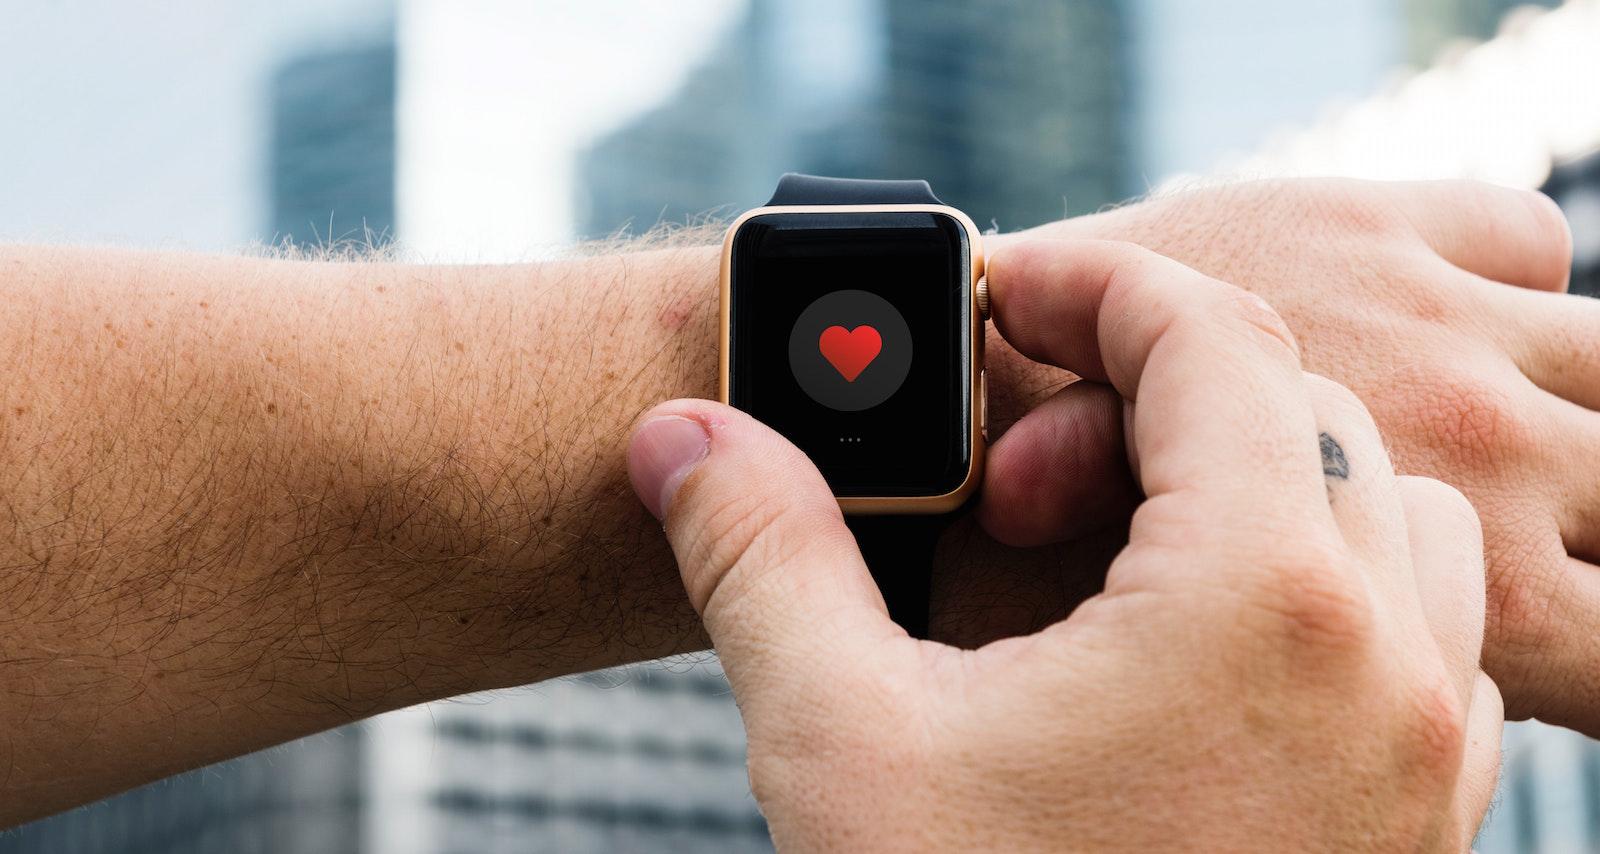 Nositelná technologie by v budoucnu mohla pomáhat při prevenci sebevražd